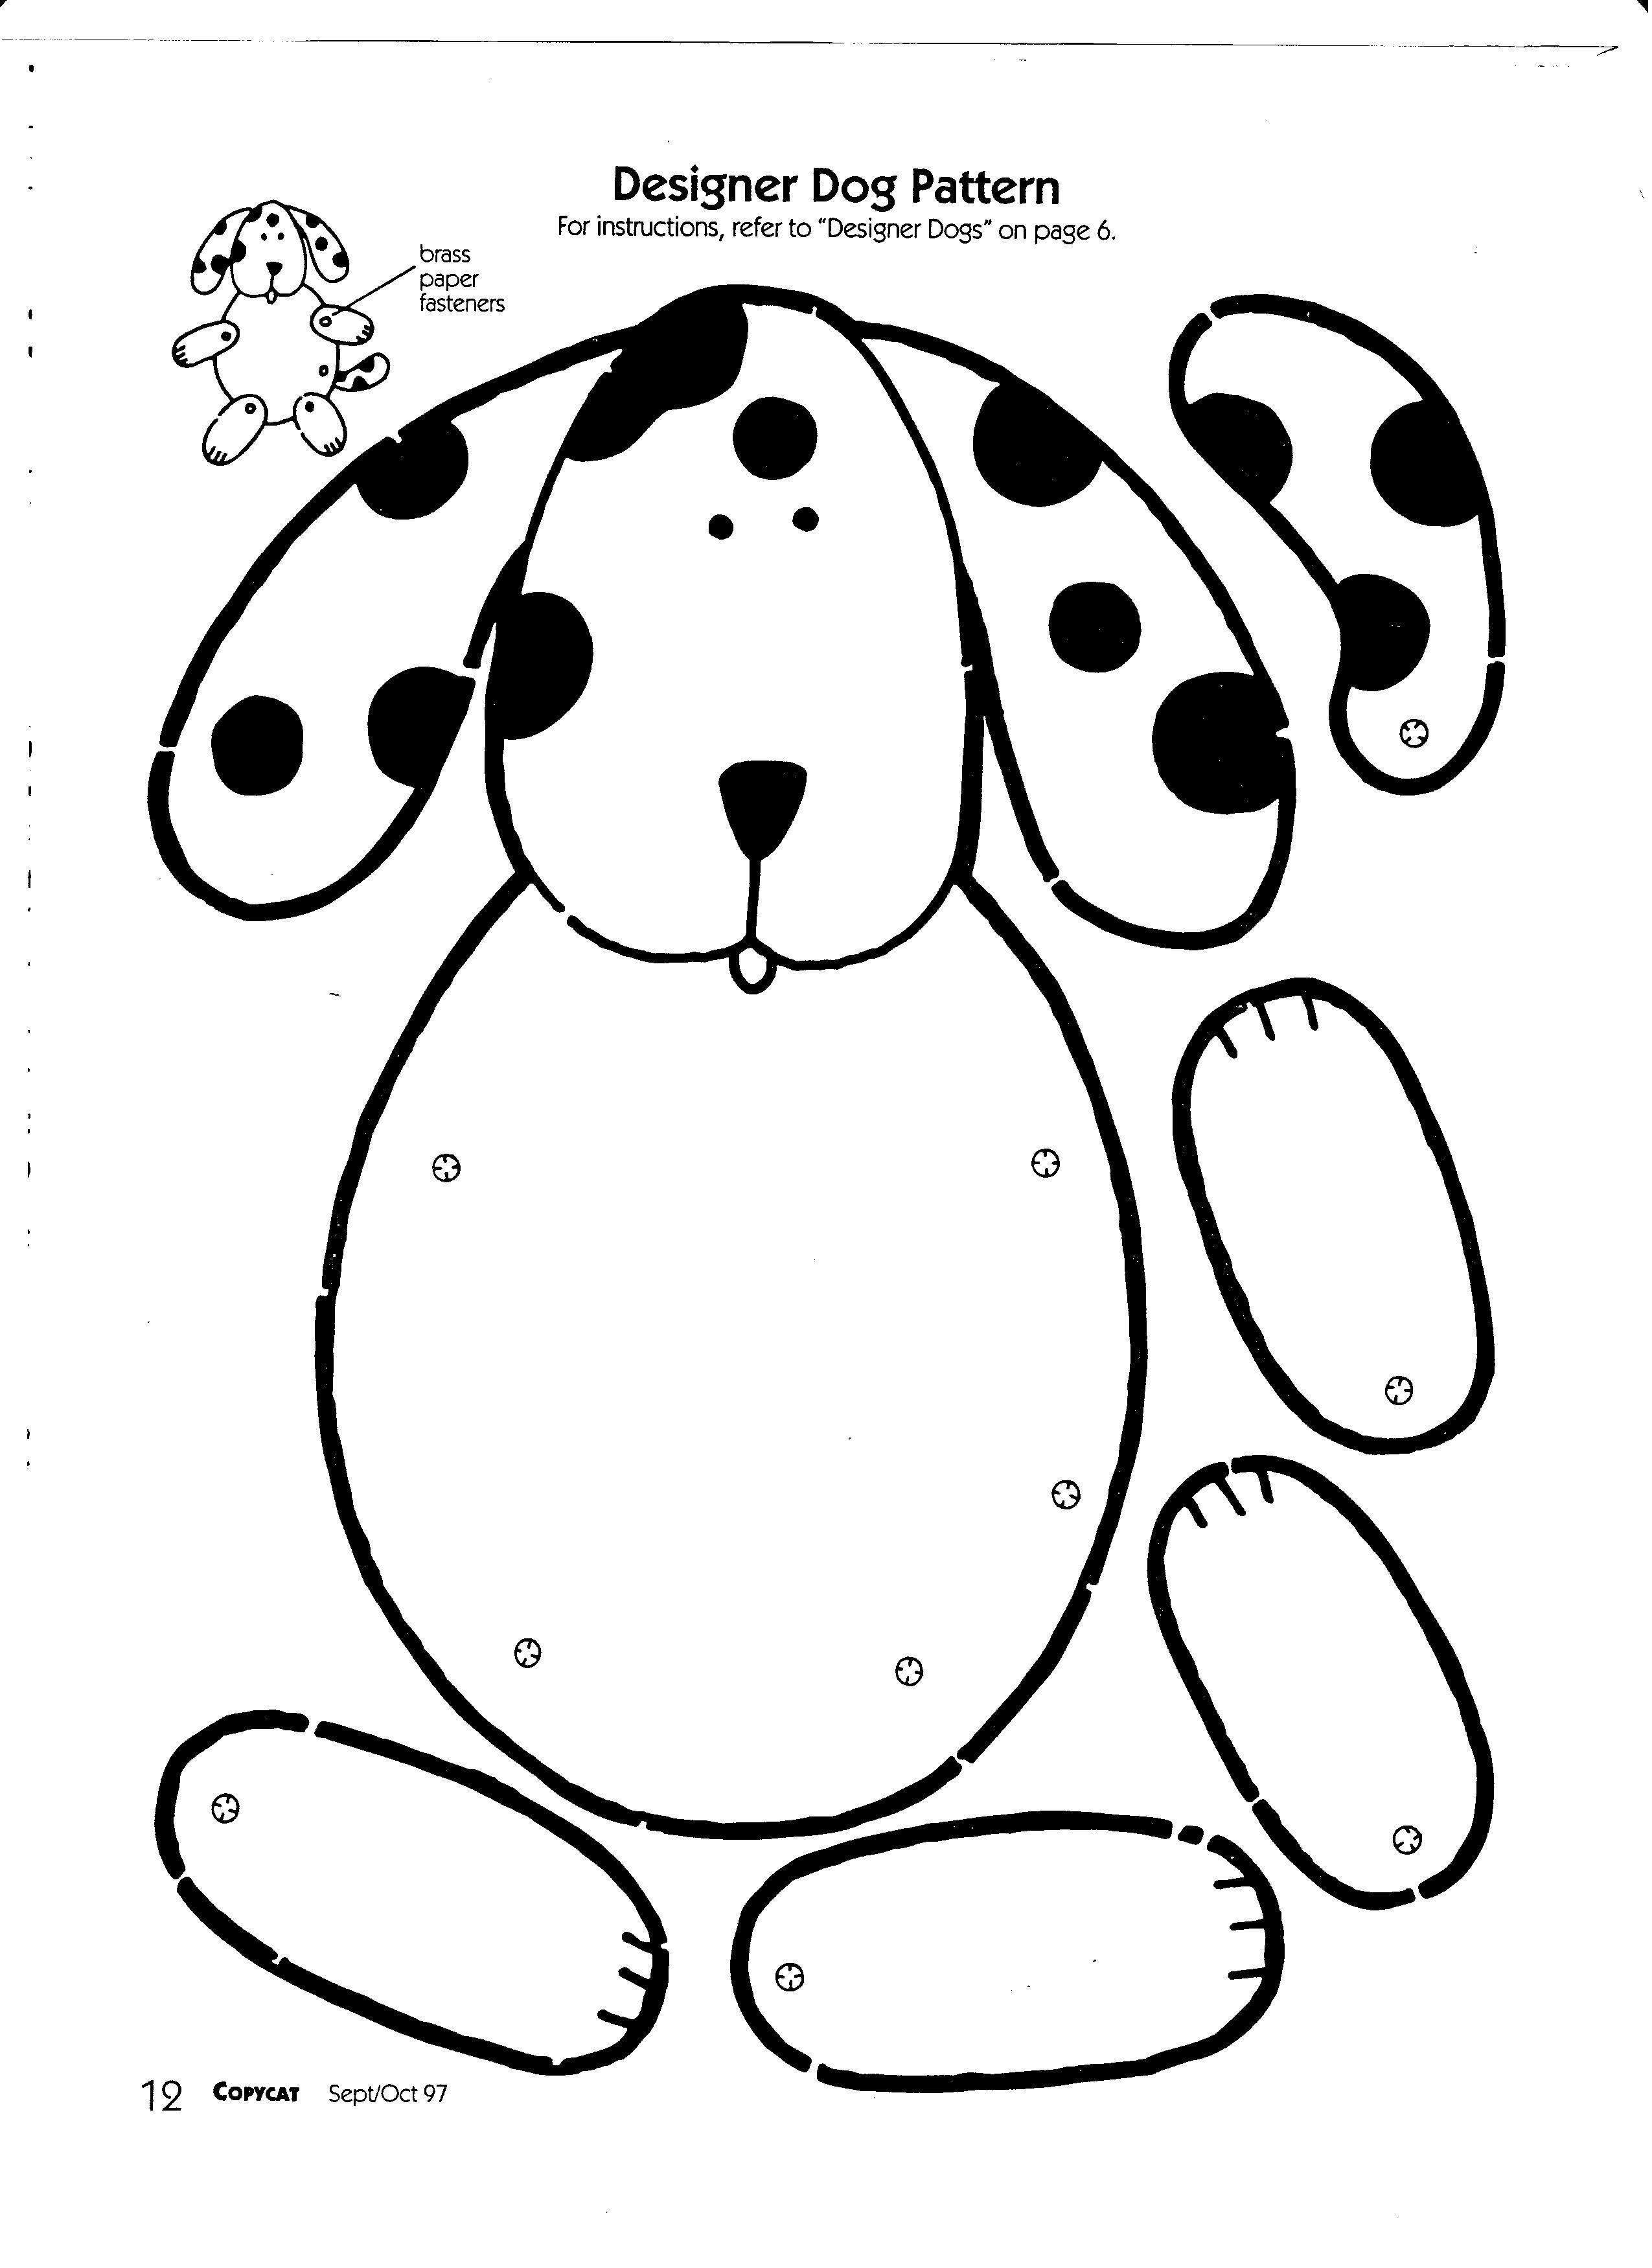 Pet Dog Design Worksheet